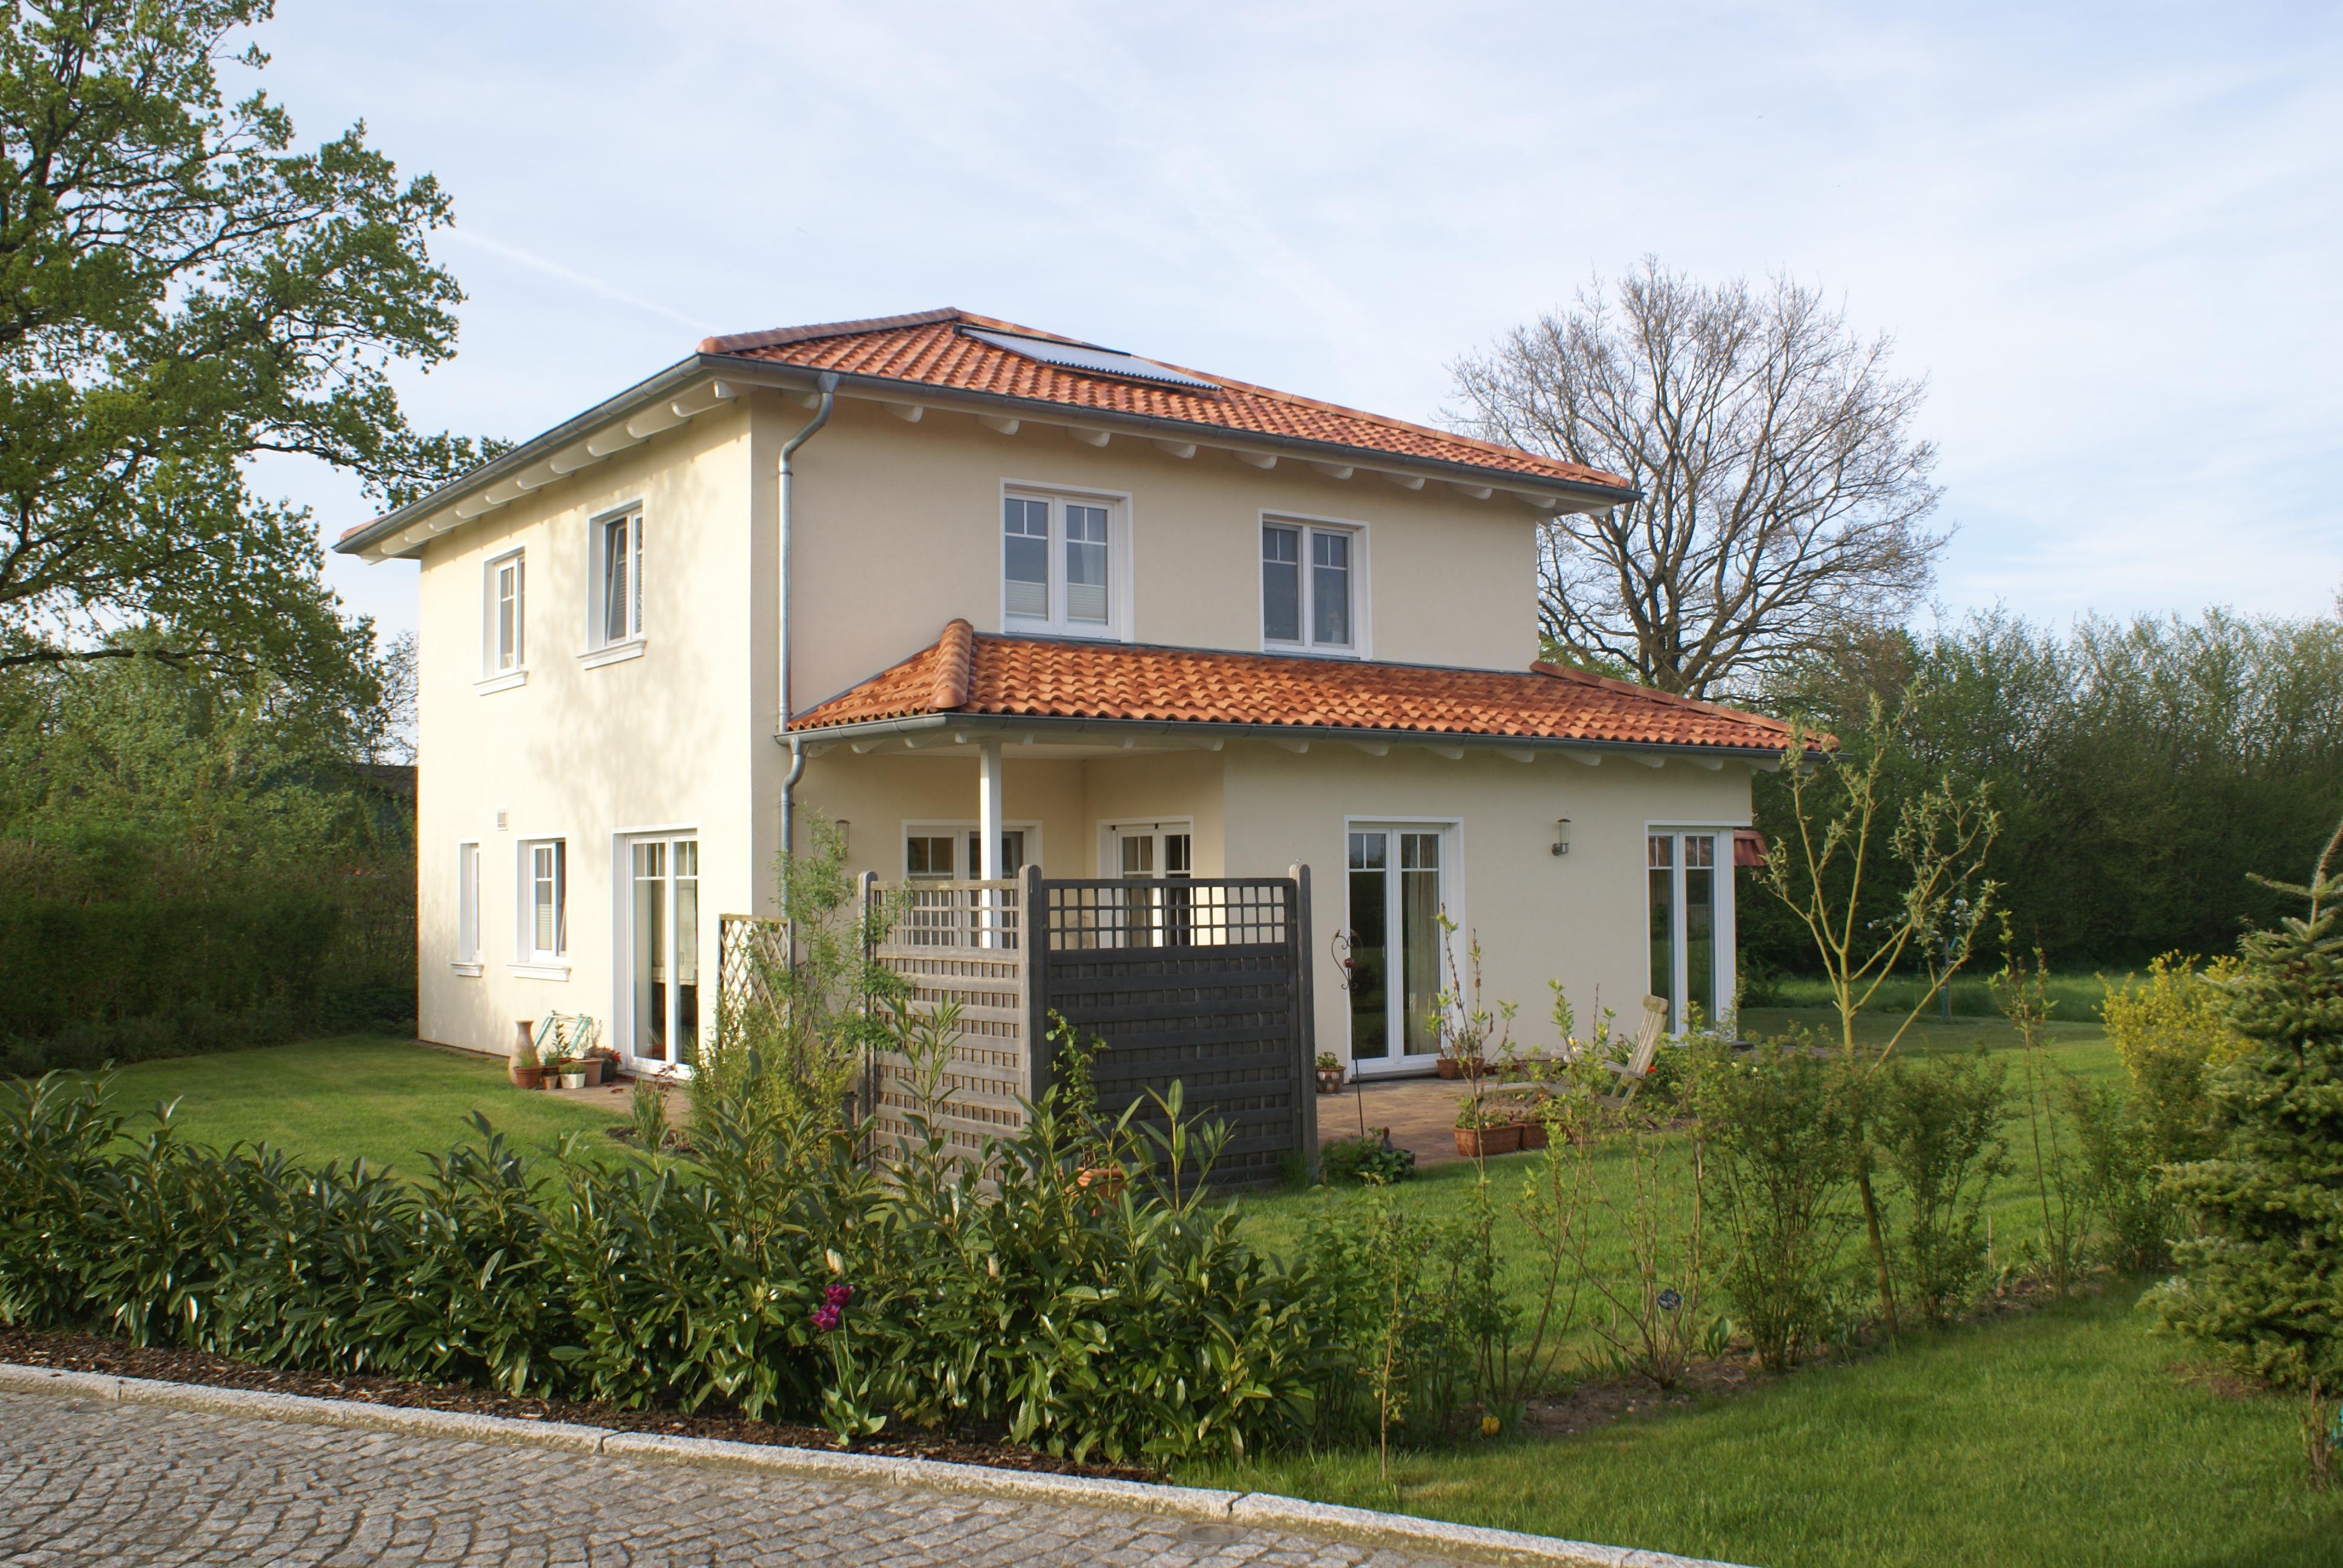 Einfamilienhaus in Henstedt